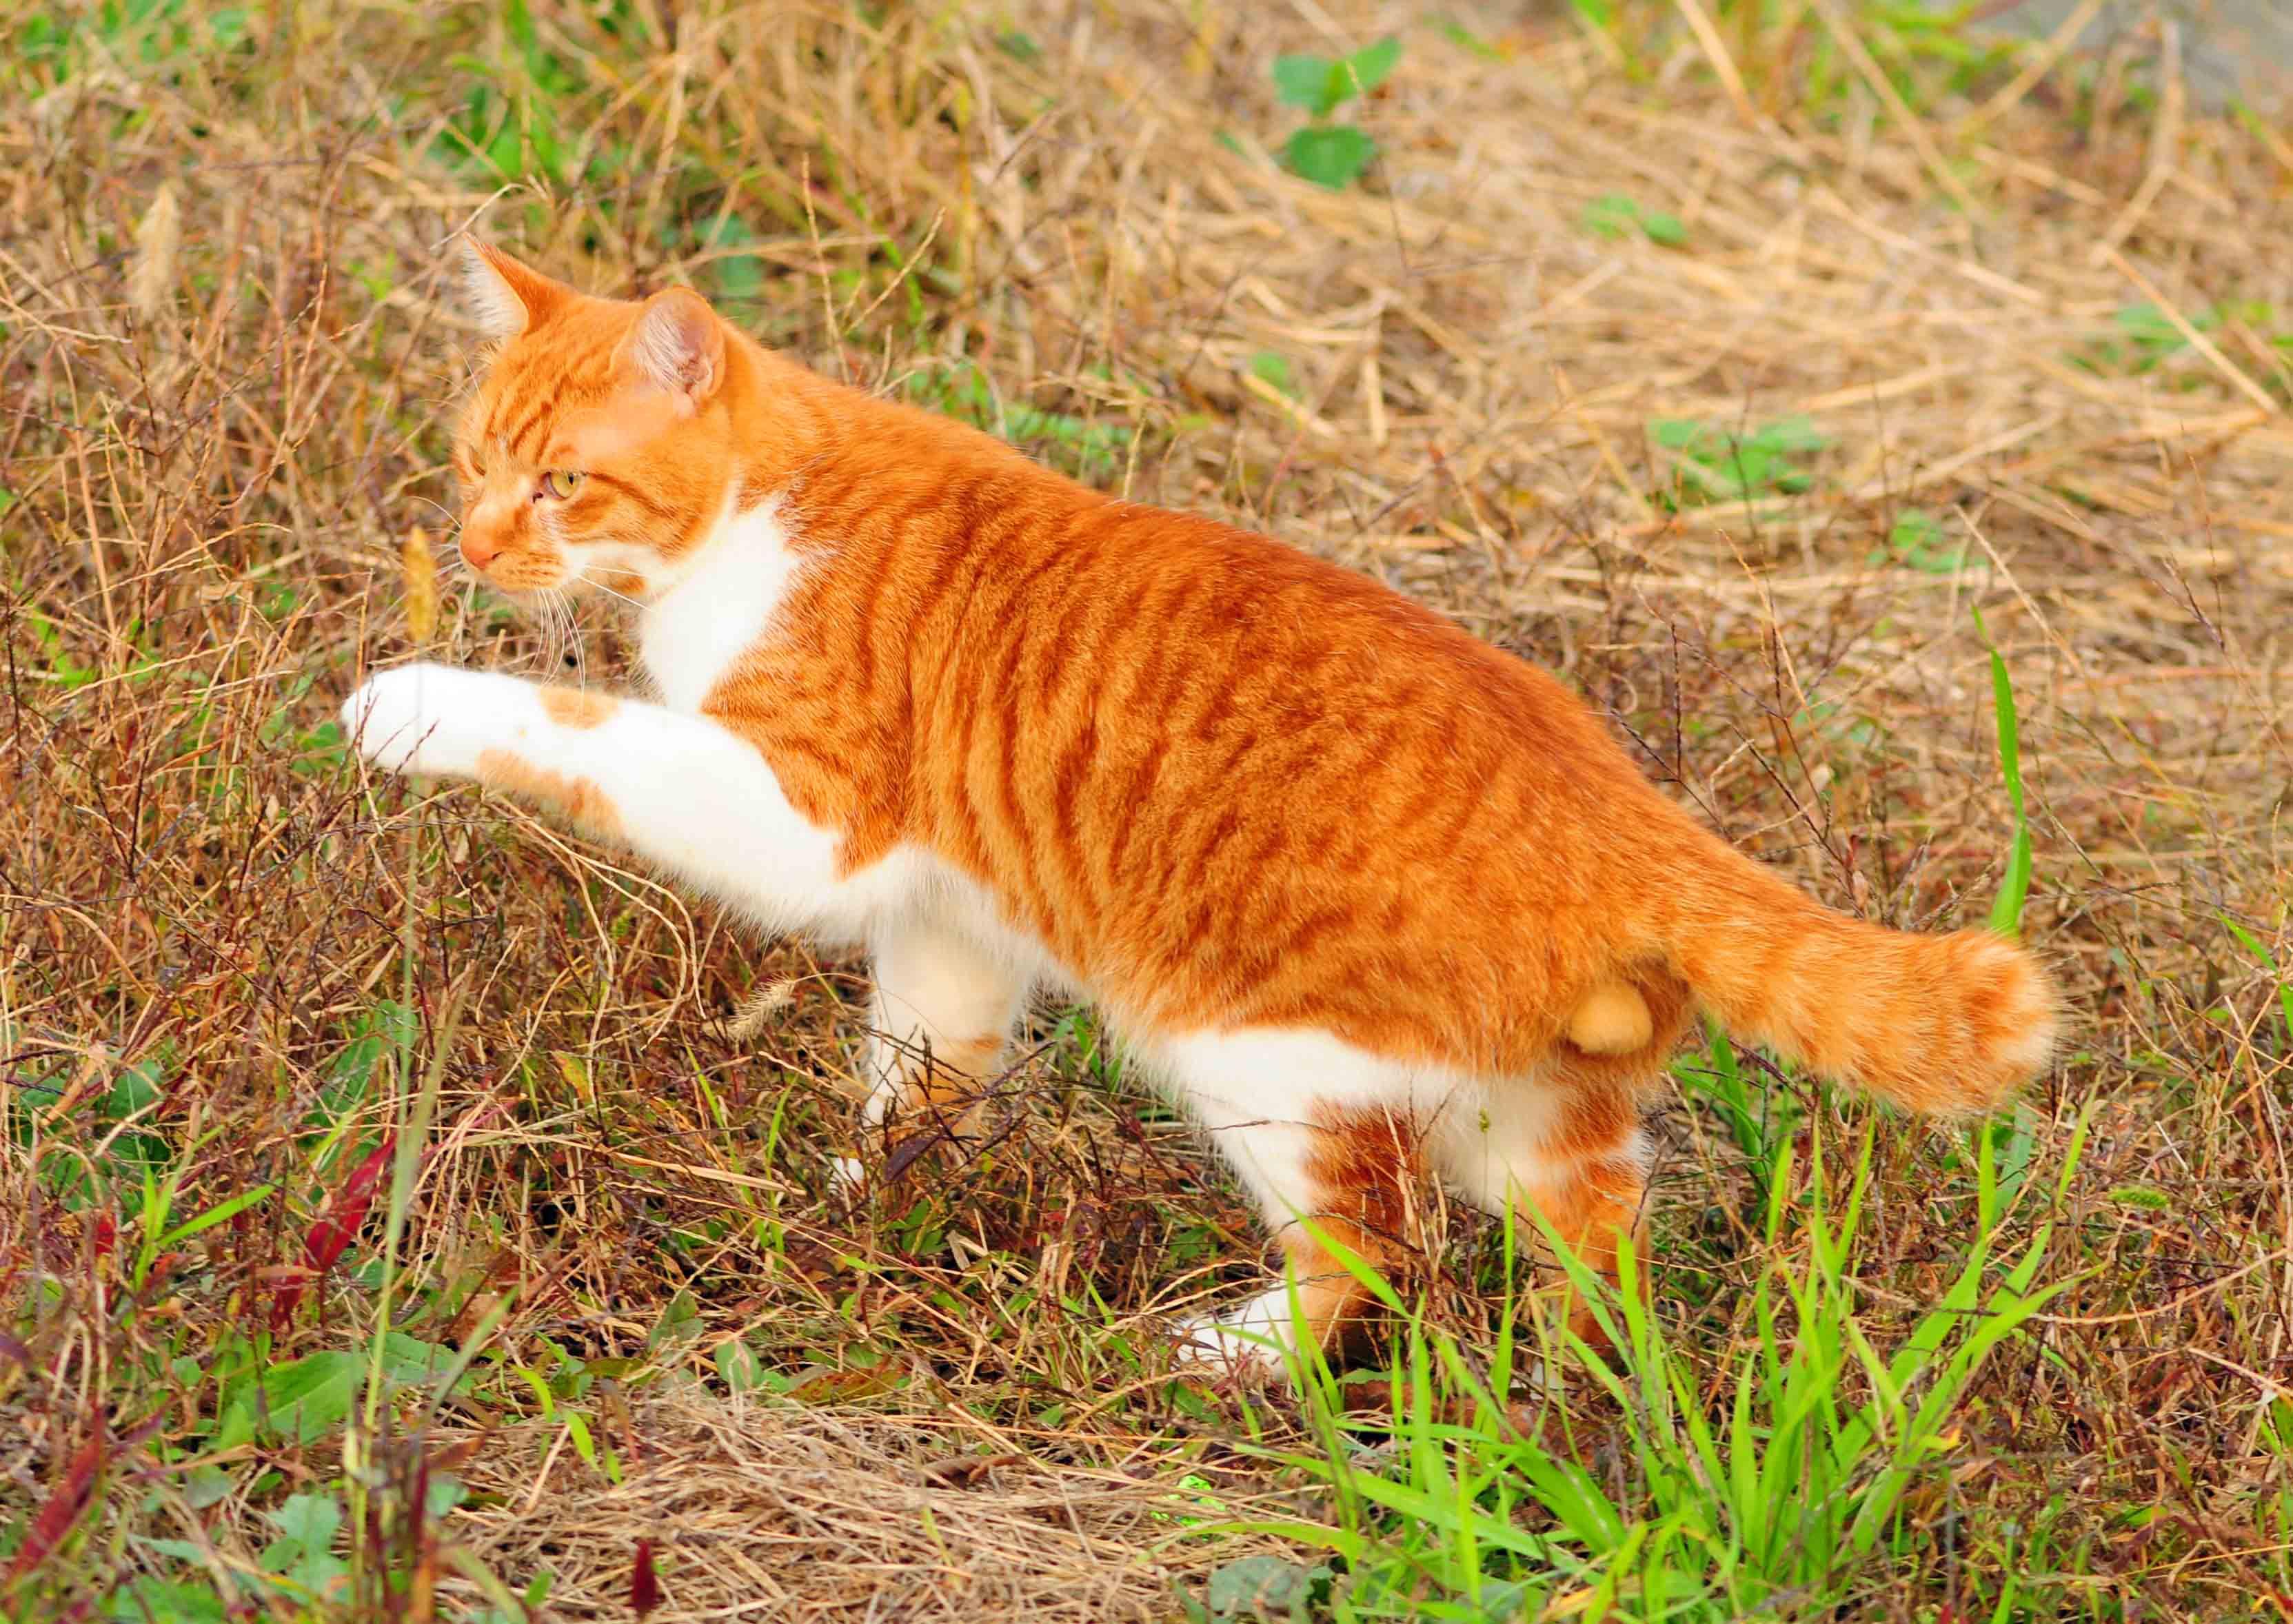 イキイキした猫ちゃん_e0157647_22165810.jpg